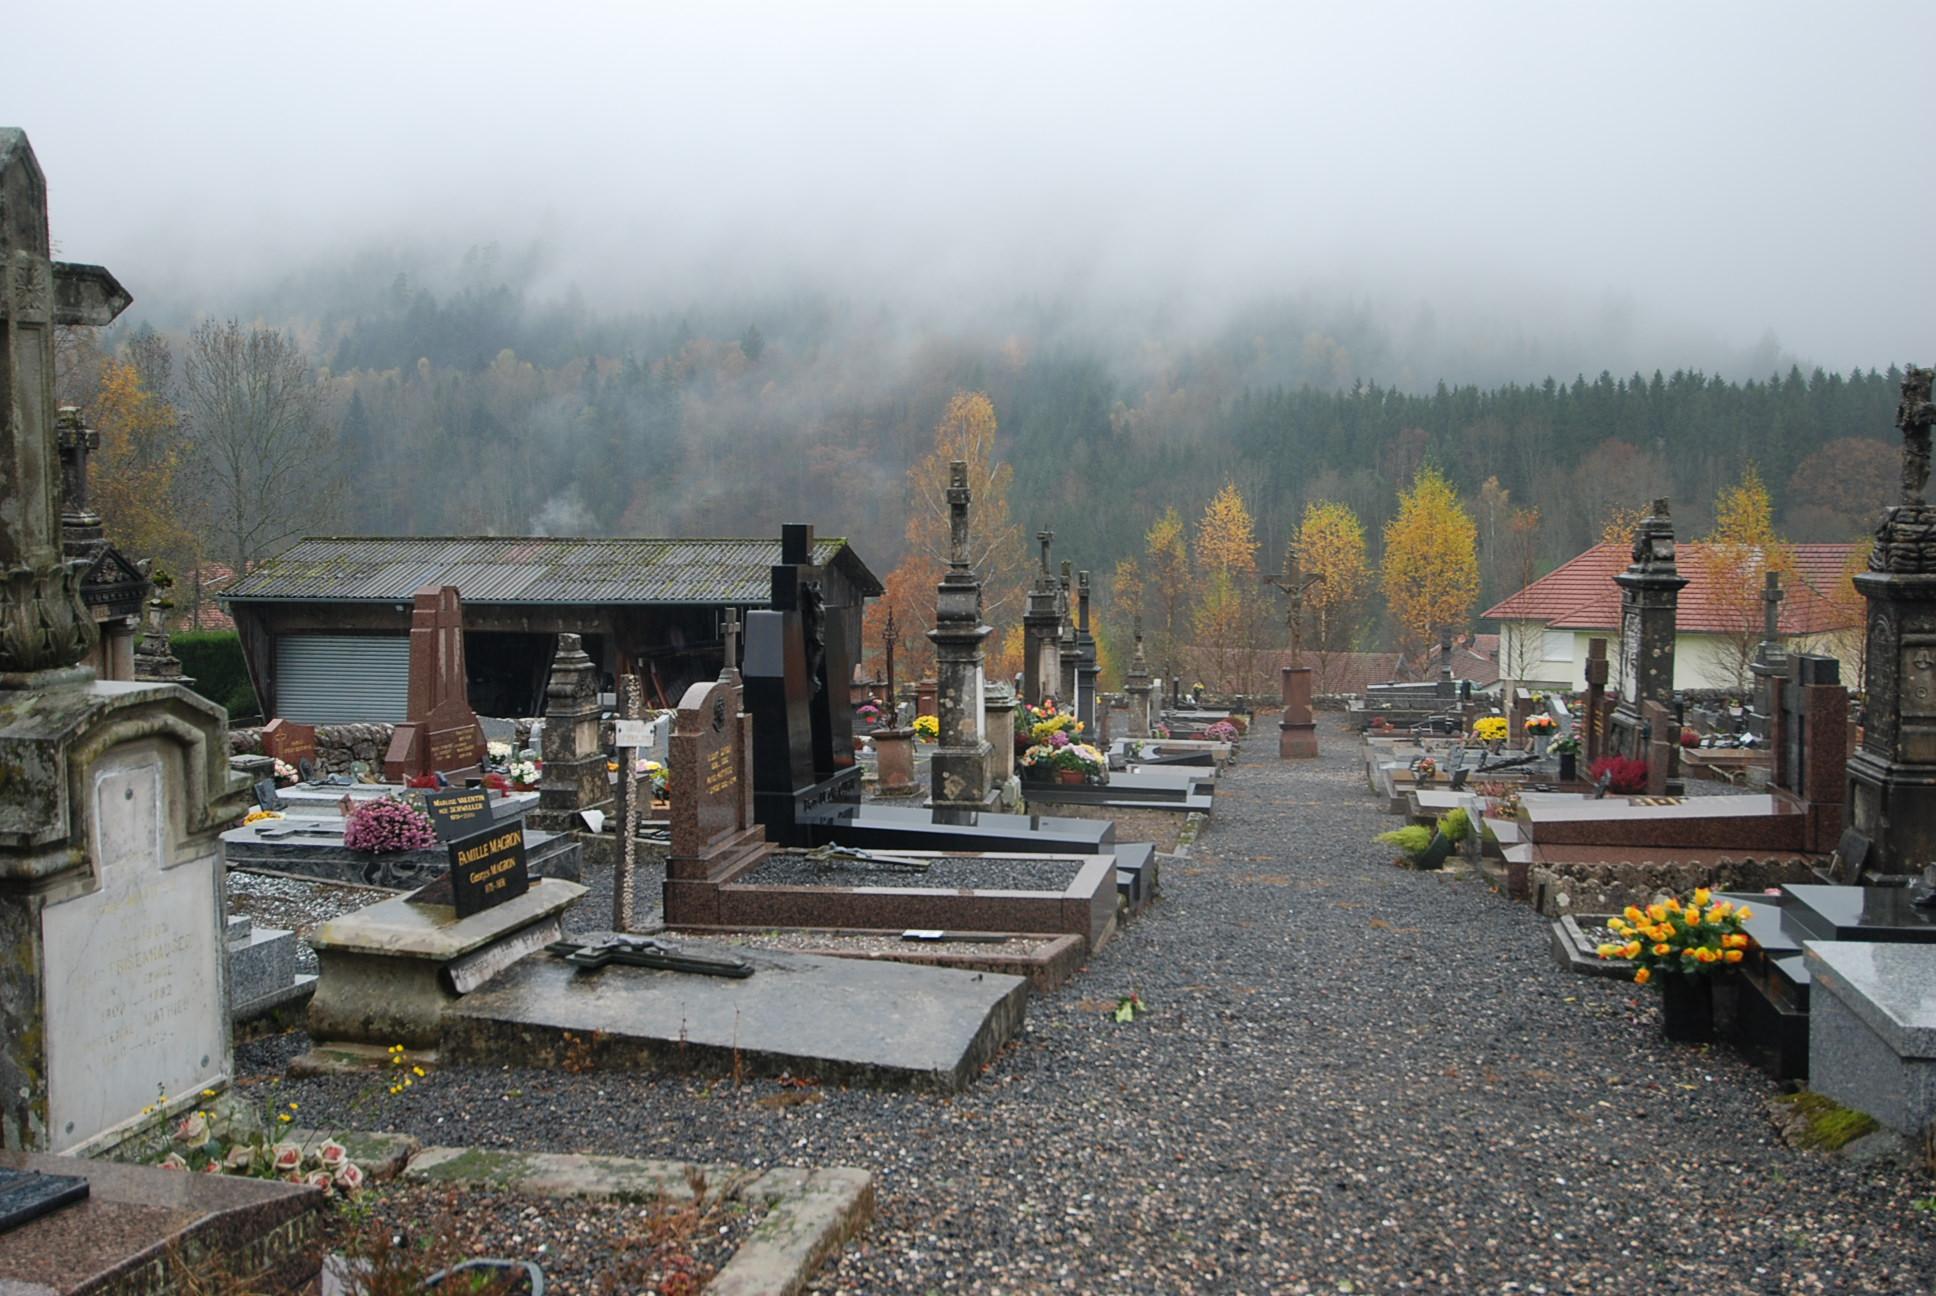 cimetière de raon-sur-plaine dans le brouillard